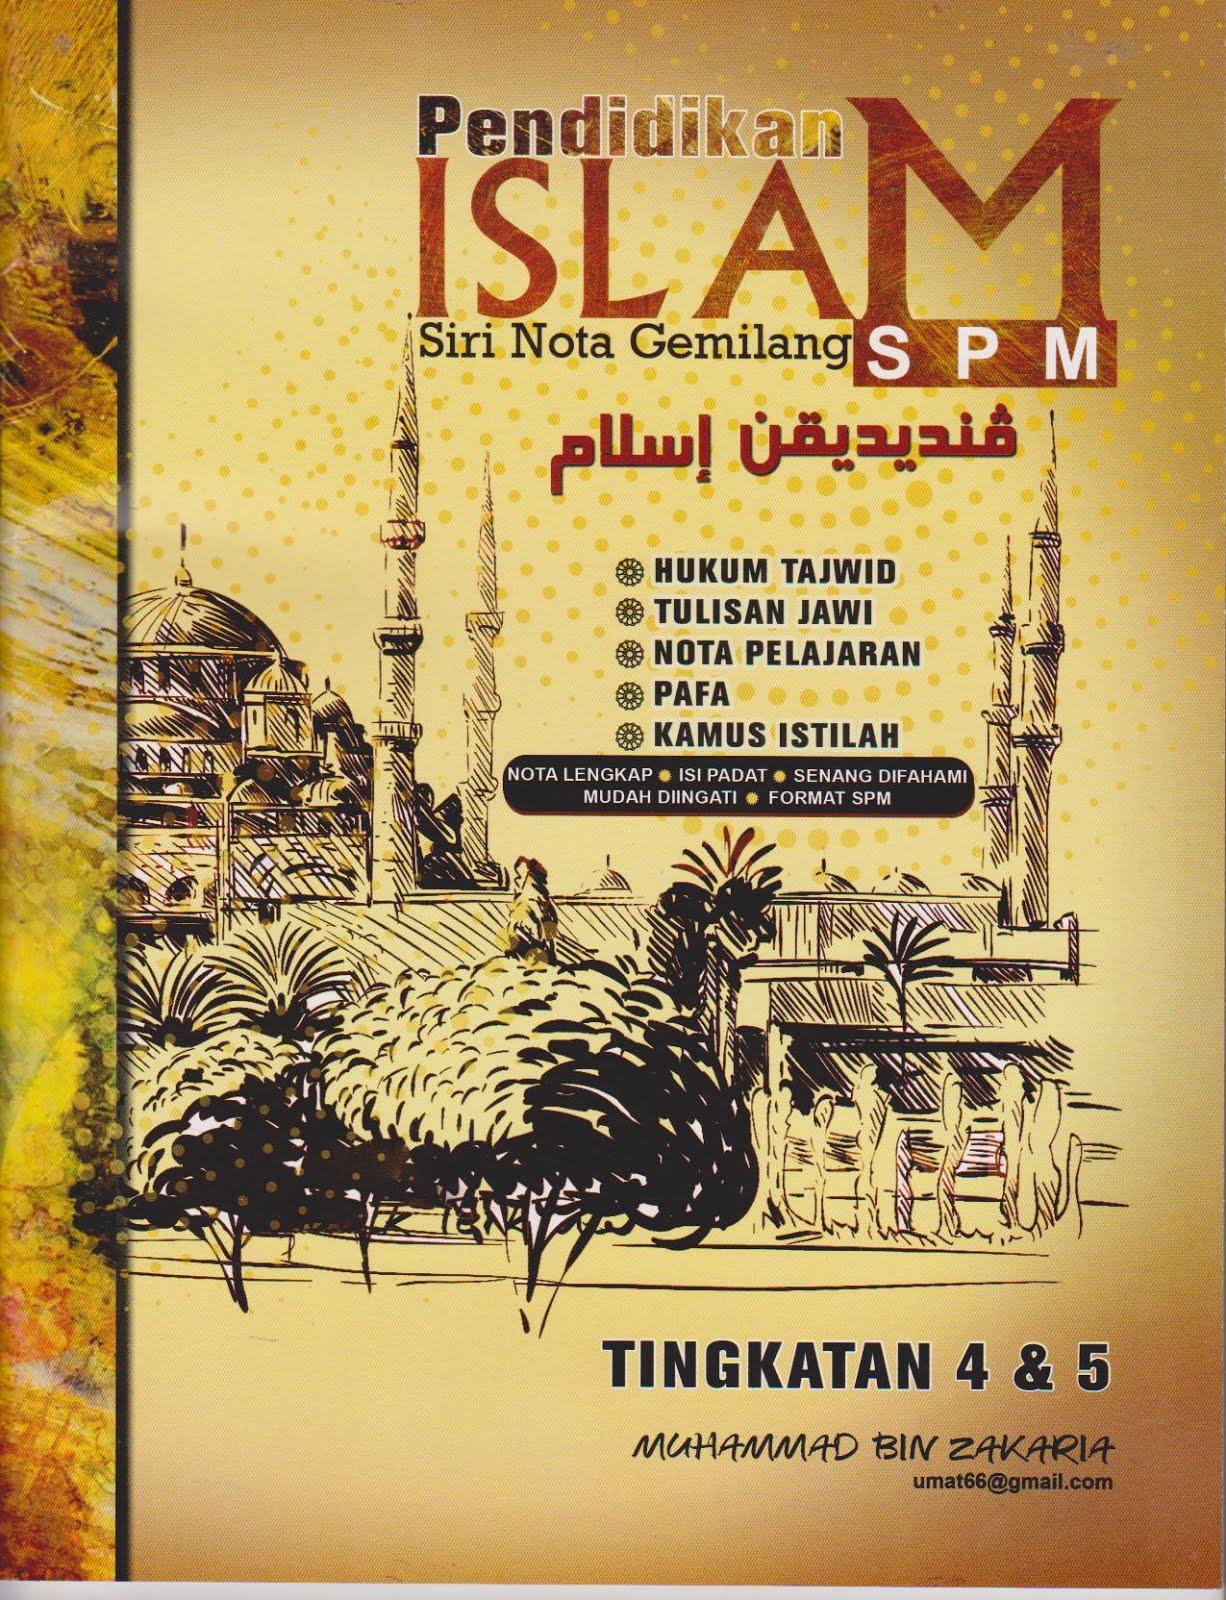 NOTA GEMILANG PEND ISLAM SPM